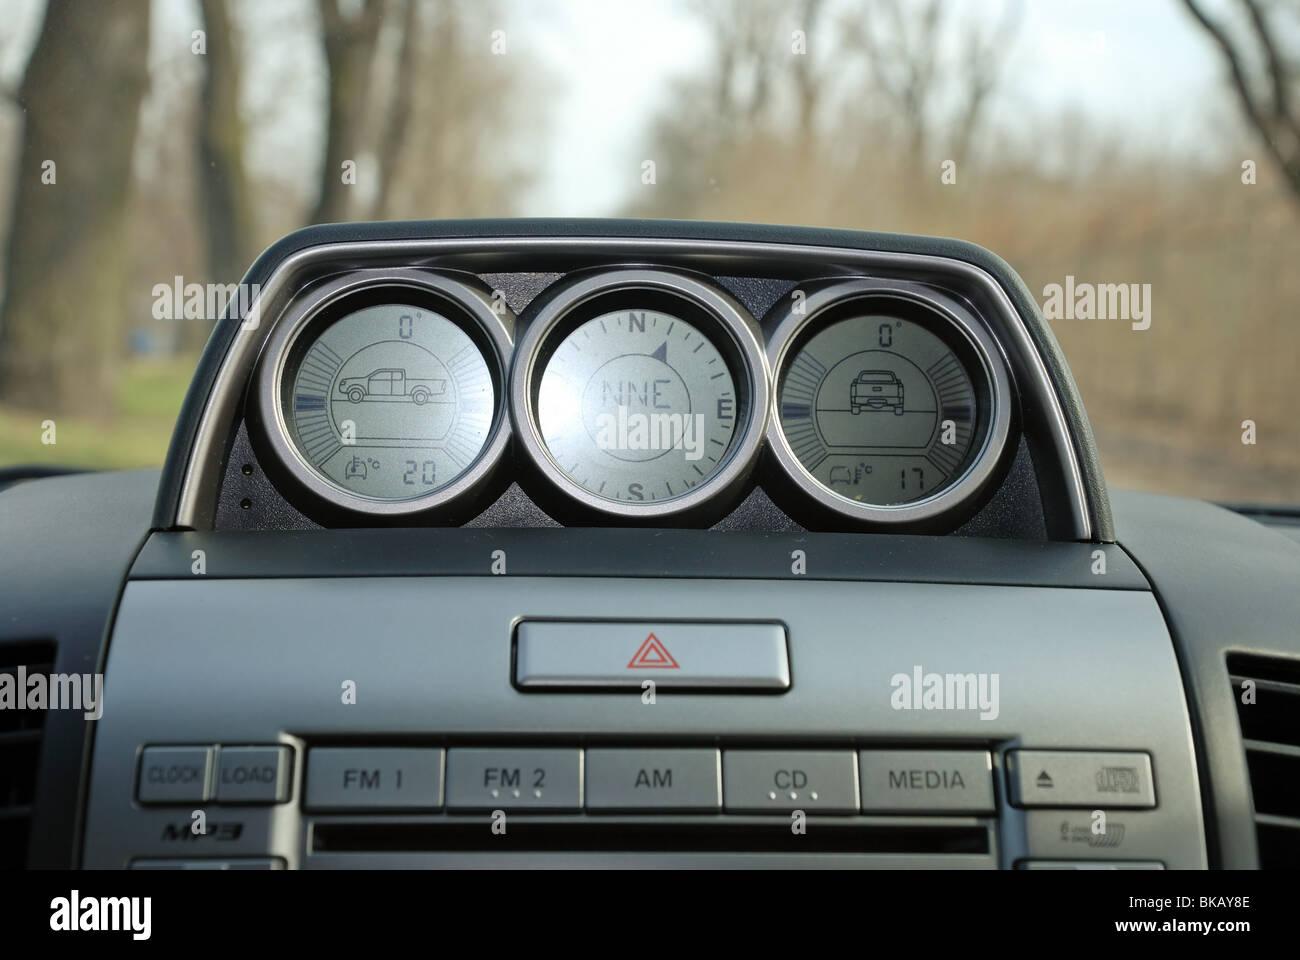 Ford Ranger 3.0 TDCi Wildtrak 4 x 4 - meine 2010 - deutsche Pick-up ...